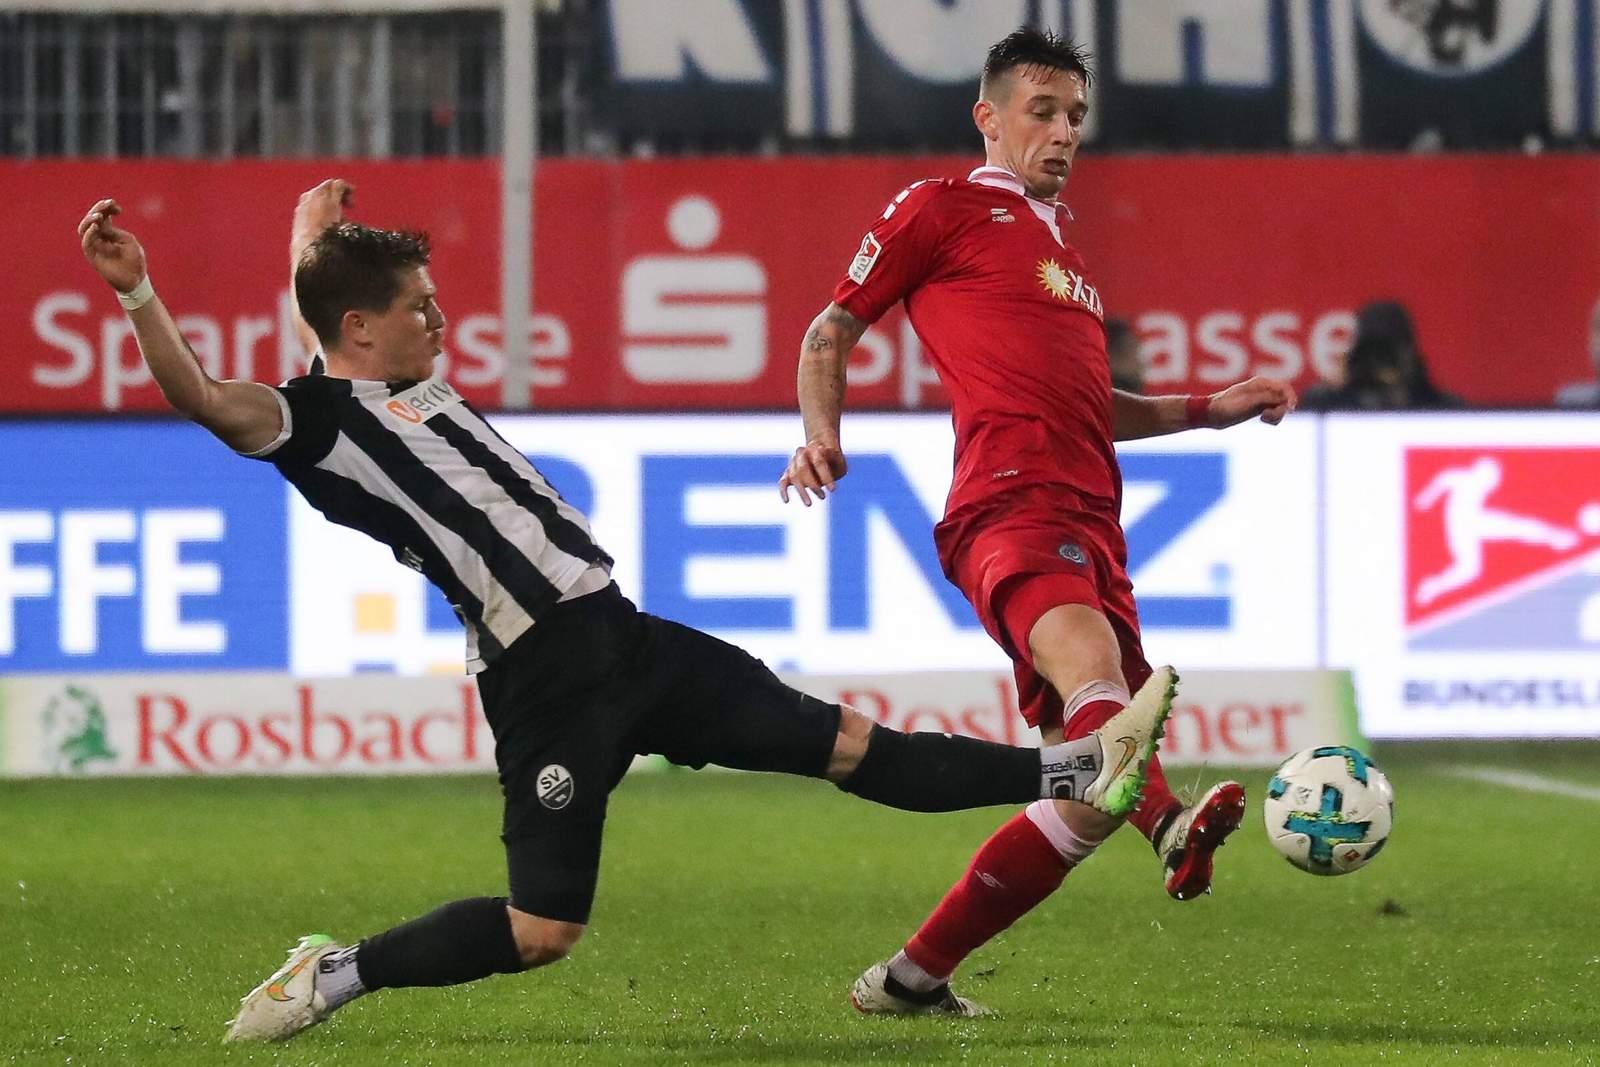 Kann sich Boris Tashchy gegen Denis Linsmayer durchsetzen? Jetzt Sandhausen gegen Duisburg wetten.